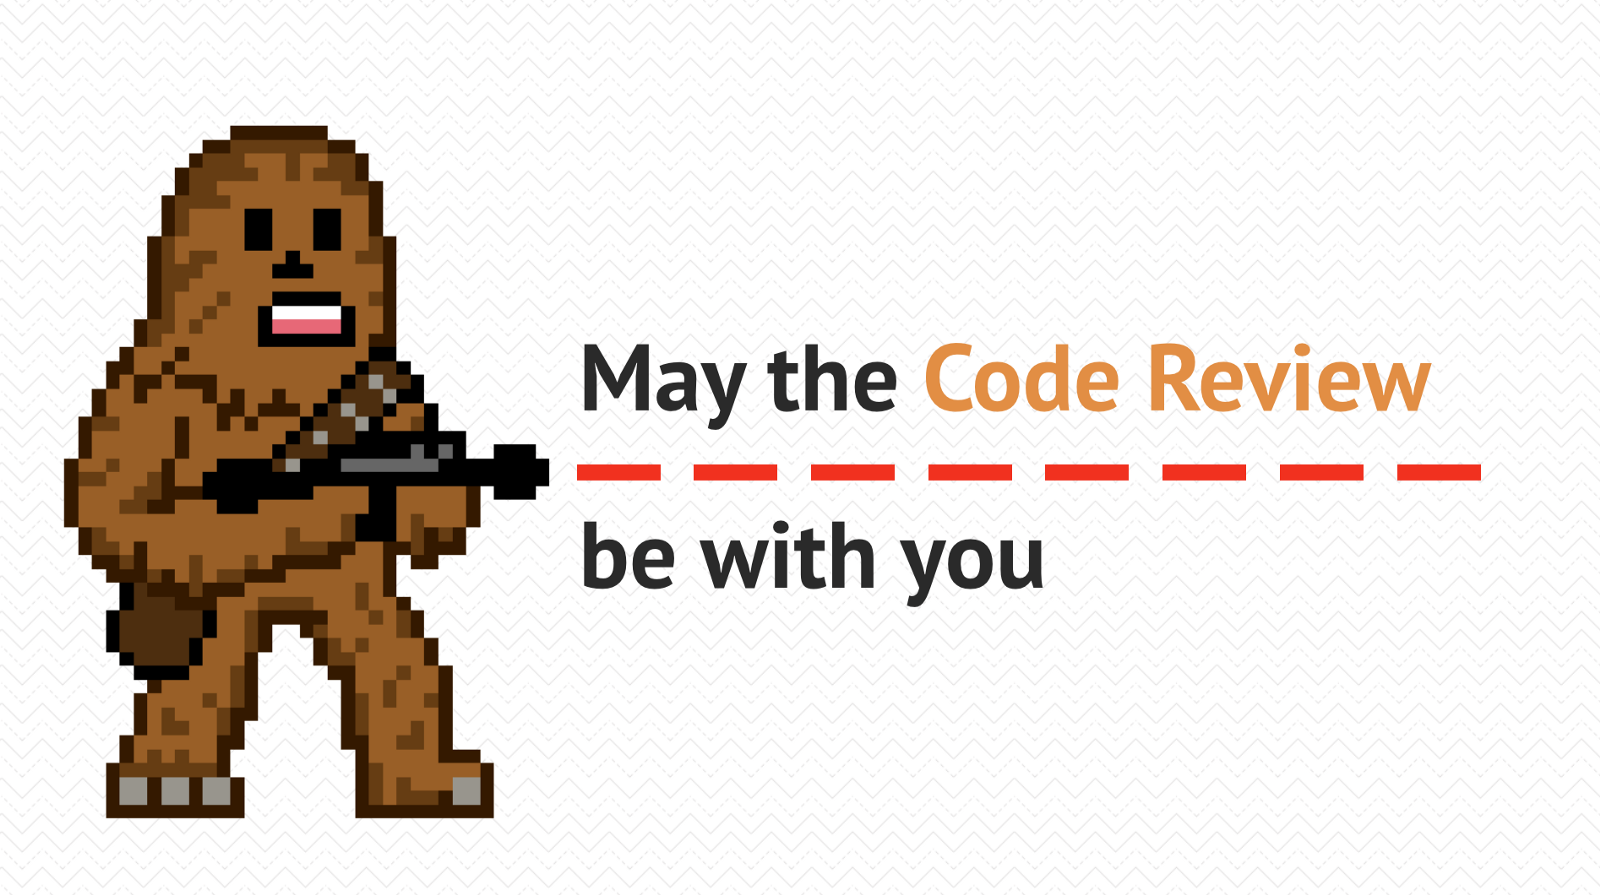 فرهنگ بازنگری کد